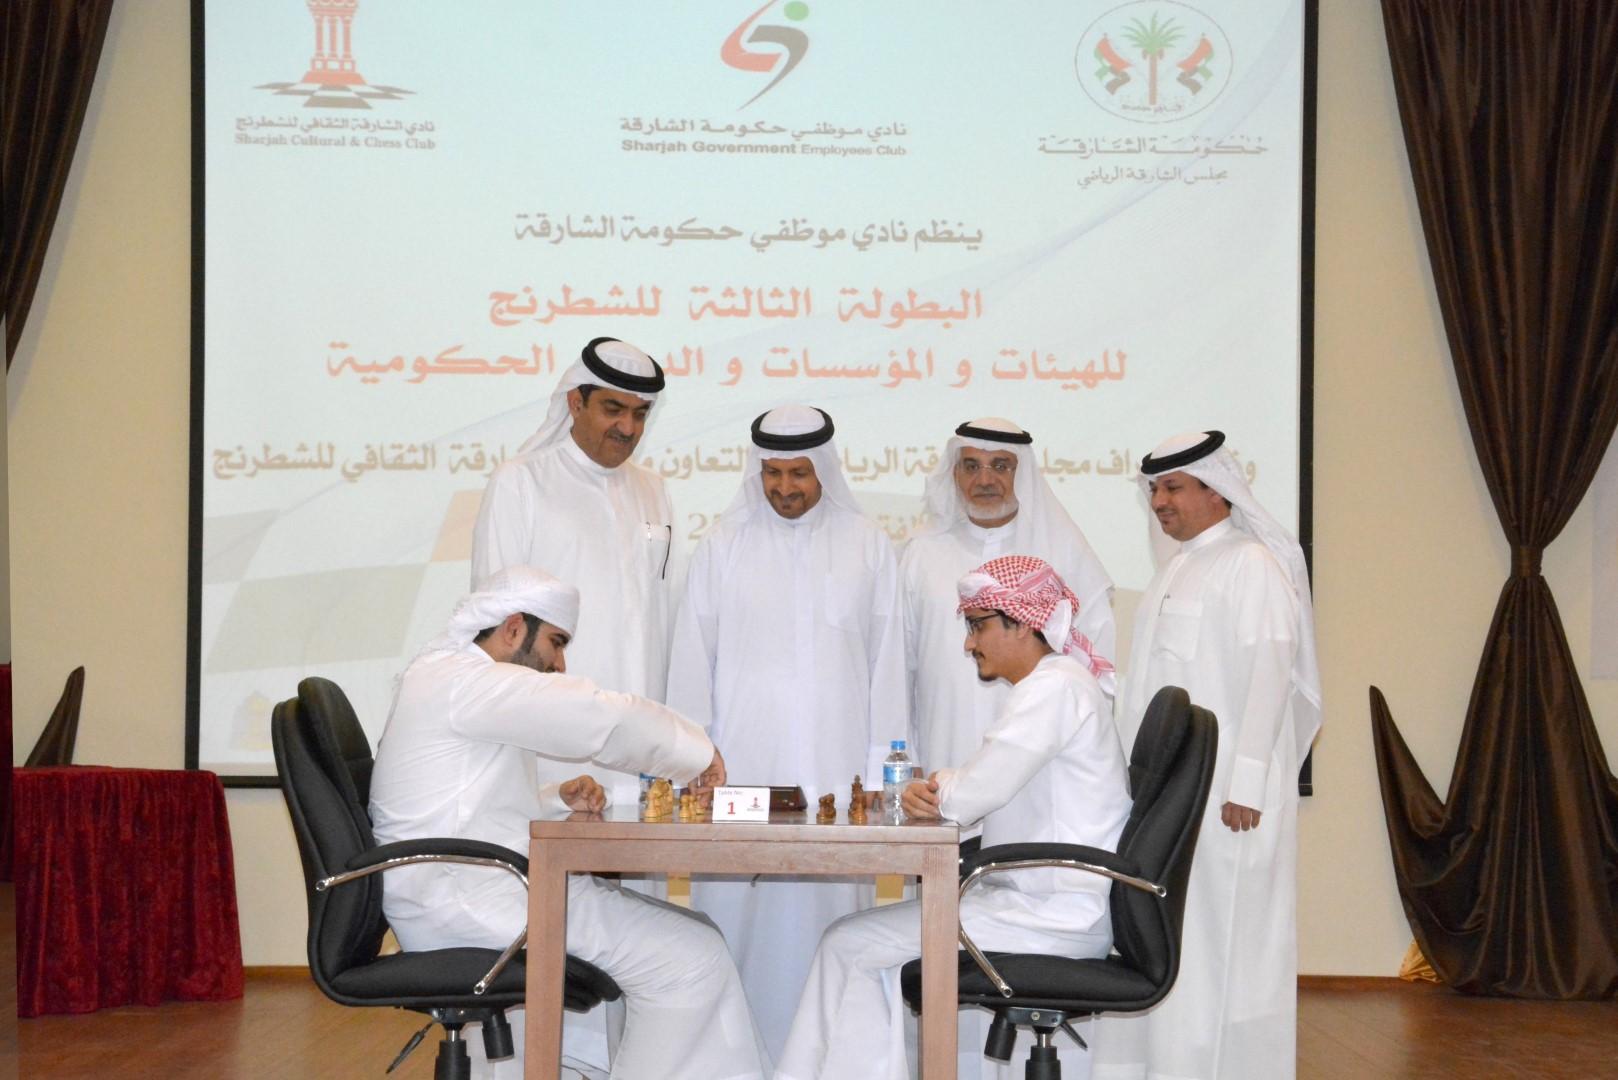 افتتاح بطولة موظفي حكومة الشارقة الثانية للشطرنج